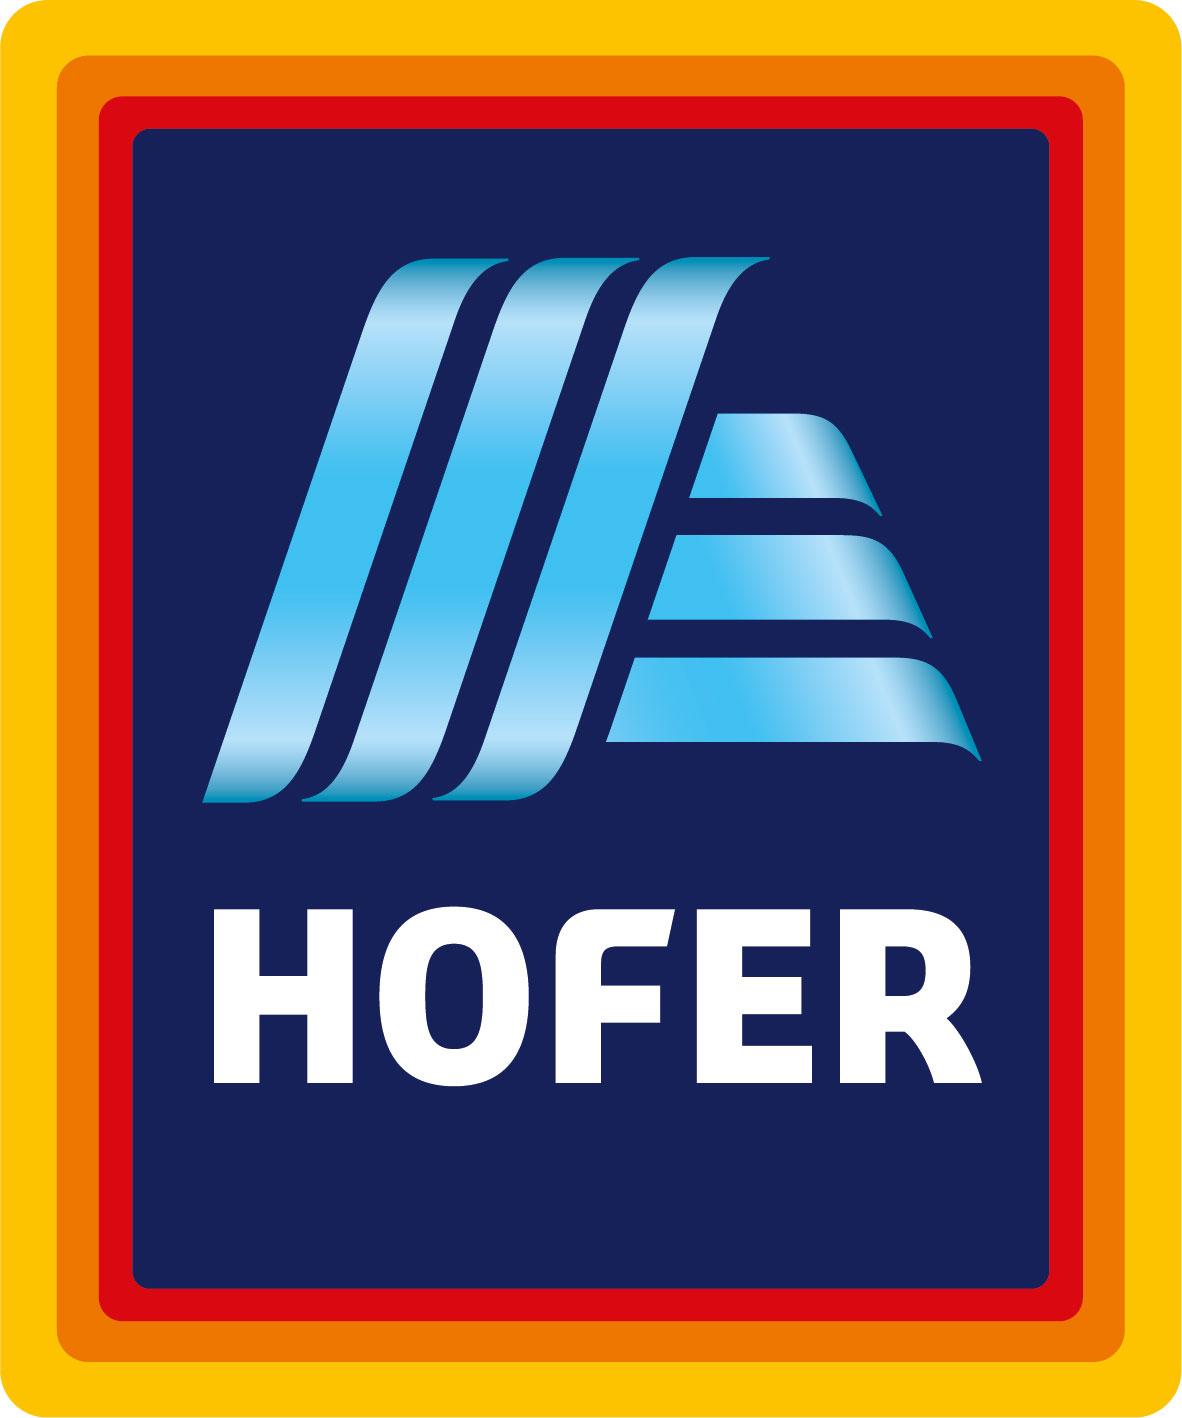 HOFER_NEU_Eins